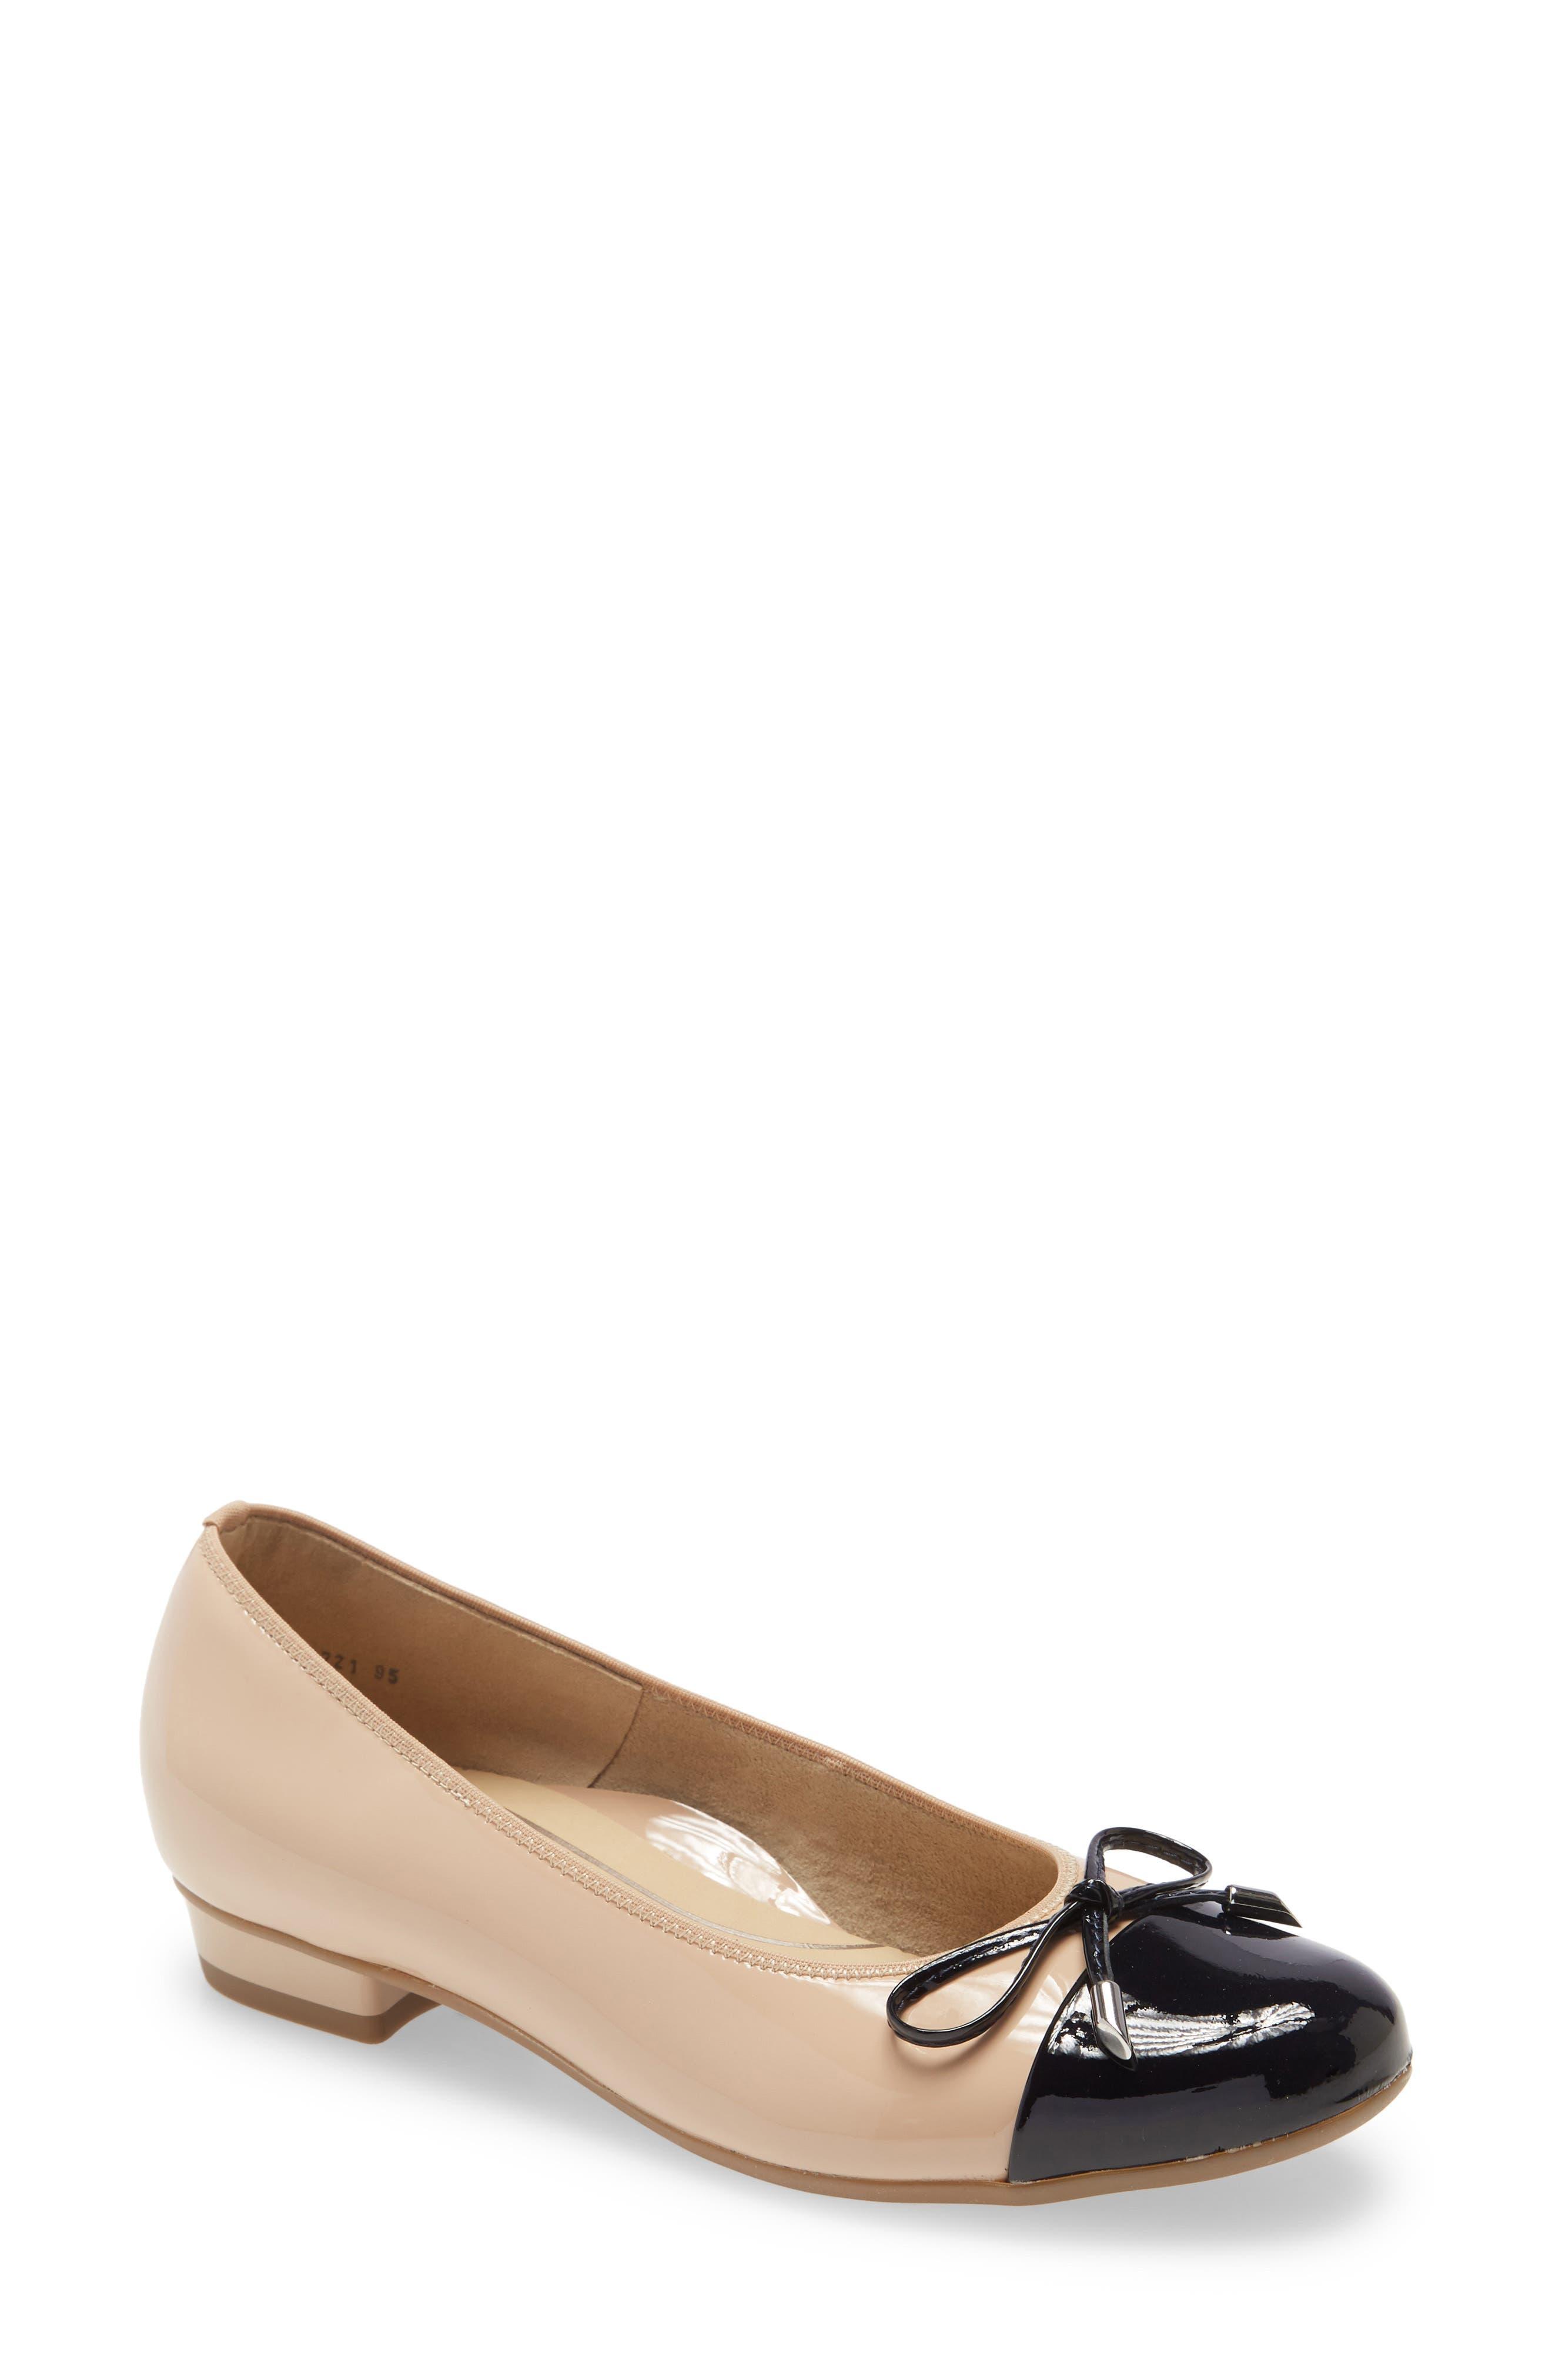 Belinda Ballet Flat